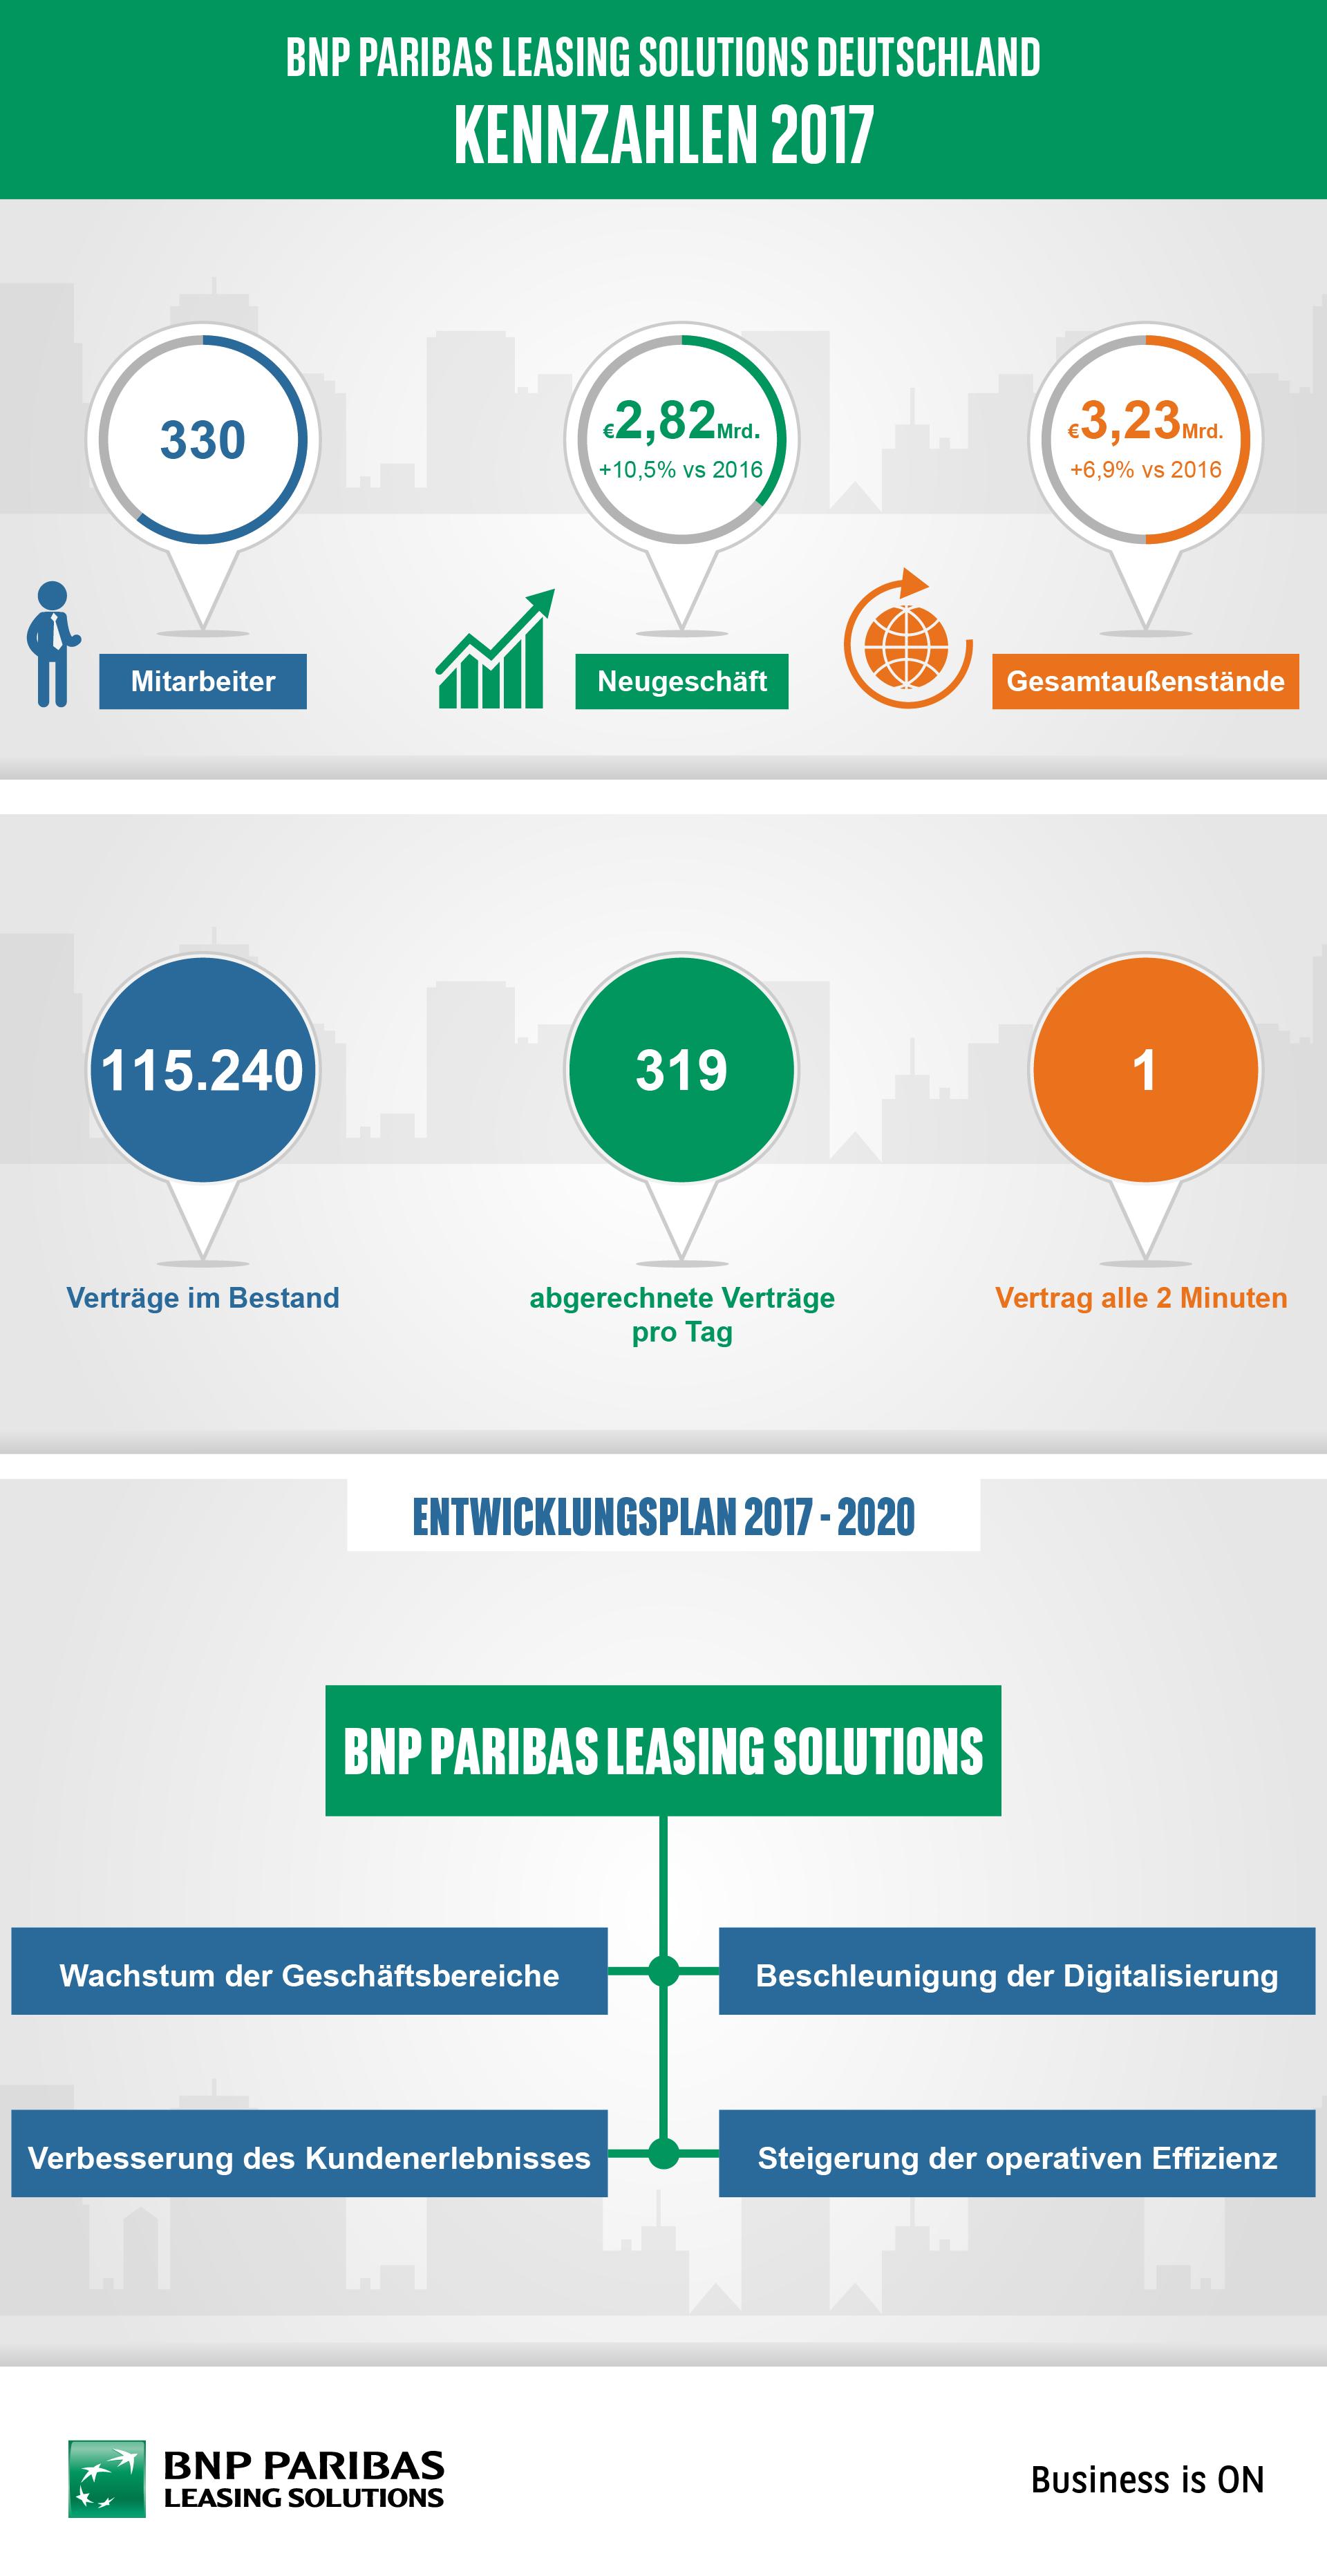 BNP Paribas Leasing Solutions_Deutschland_Kennzahlen_2017_final